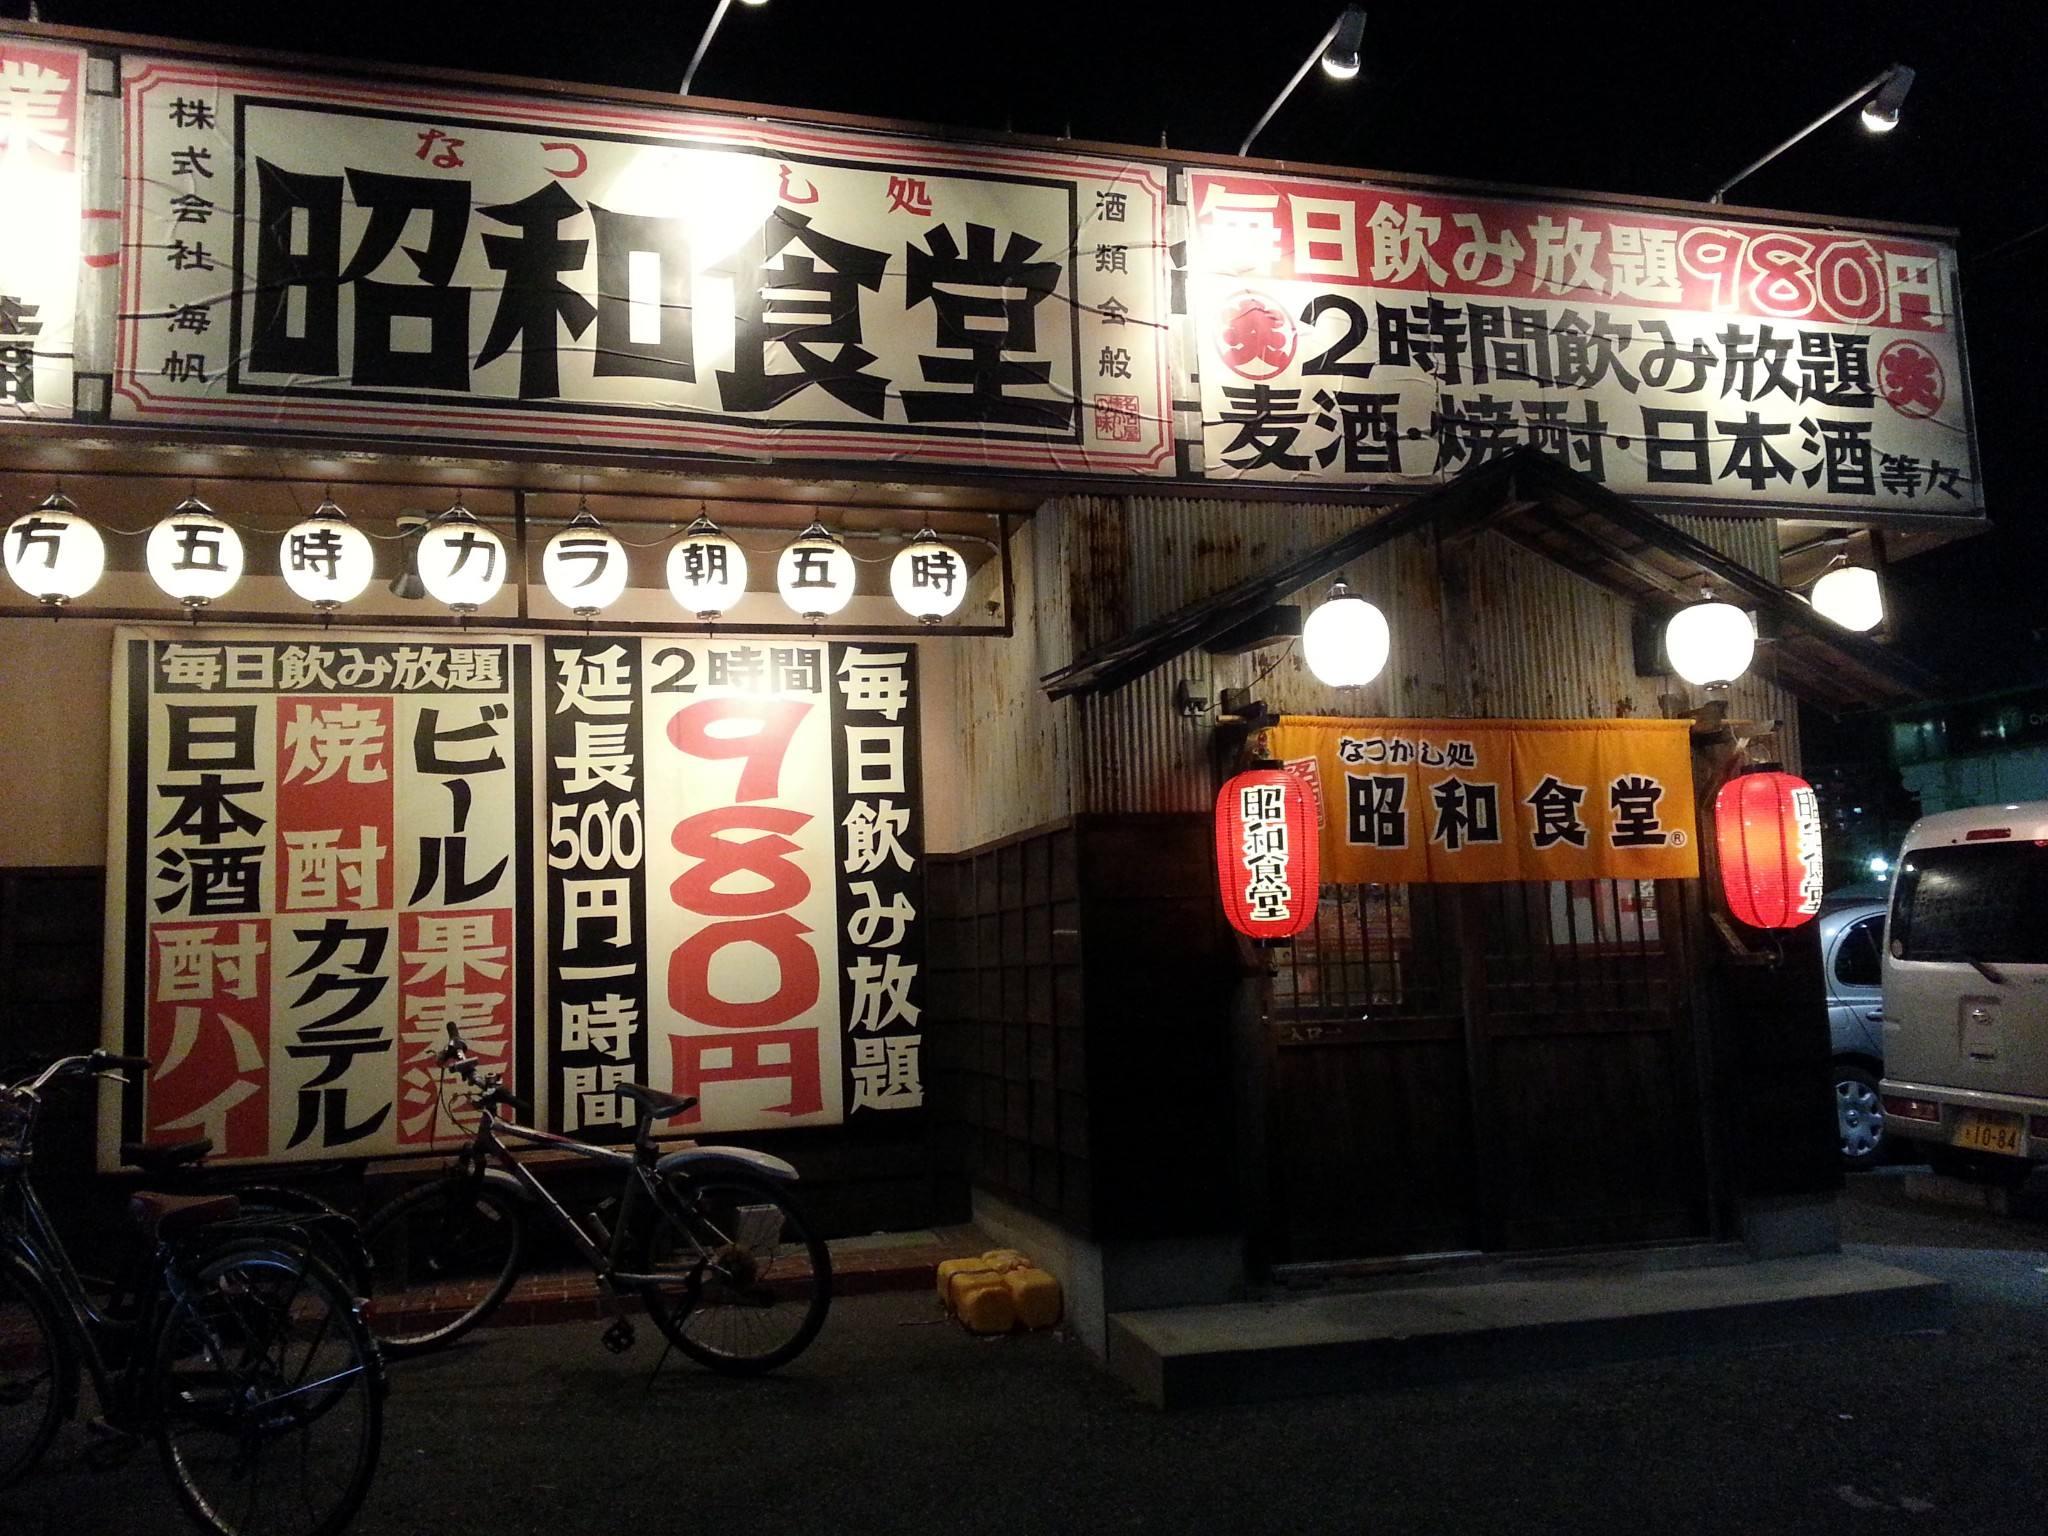 台湾日式居酒屋海报设计